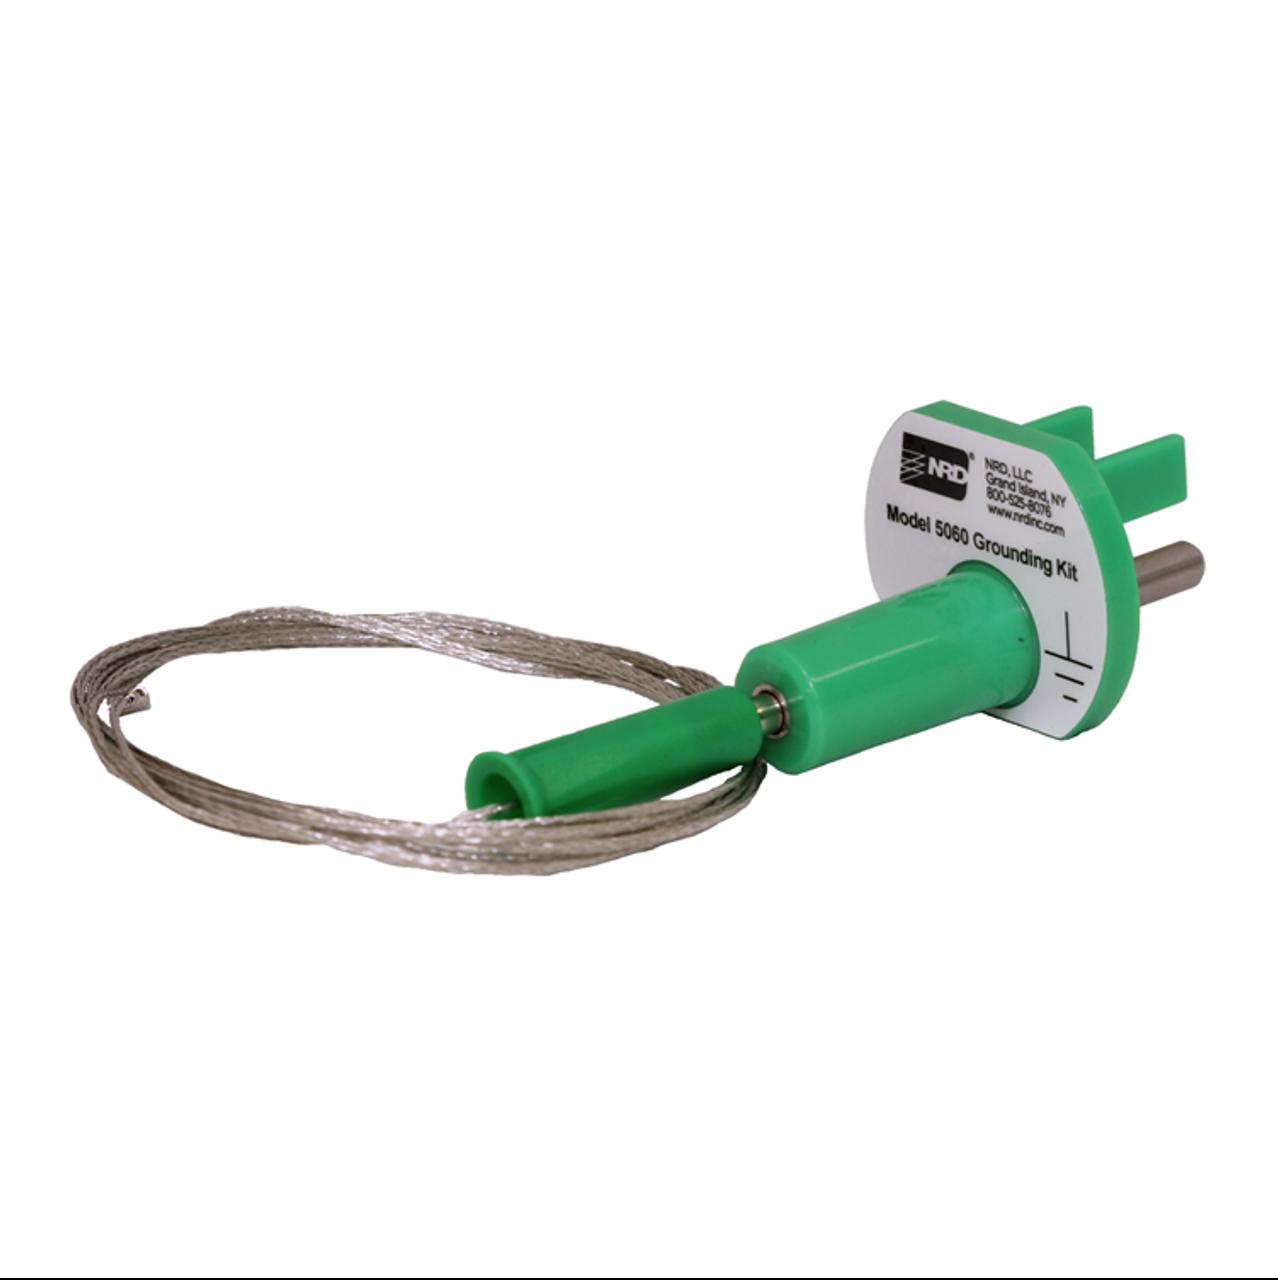 1U400 Ionizing Kit